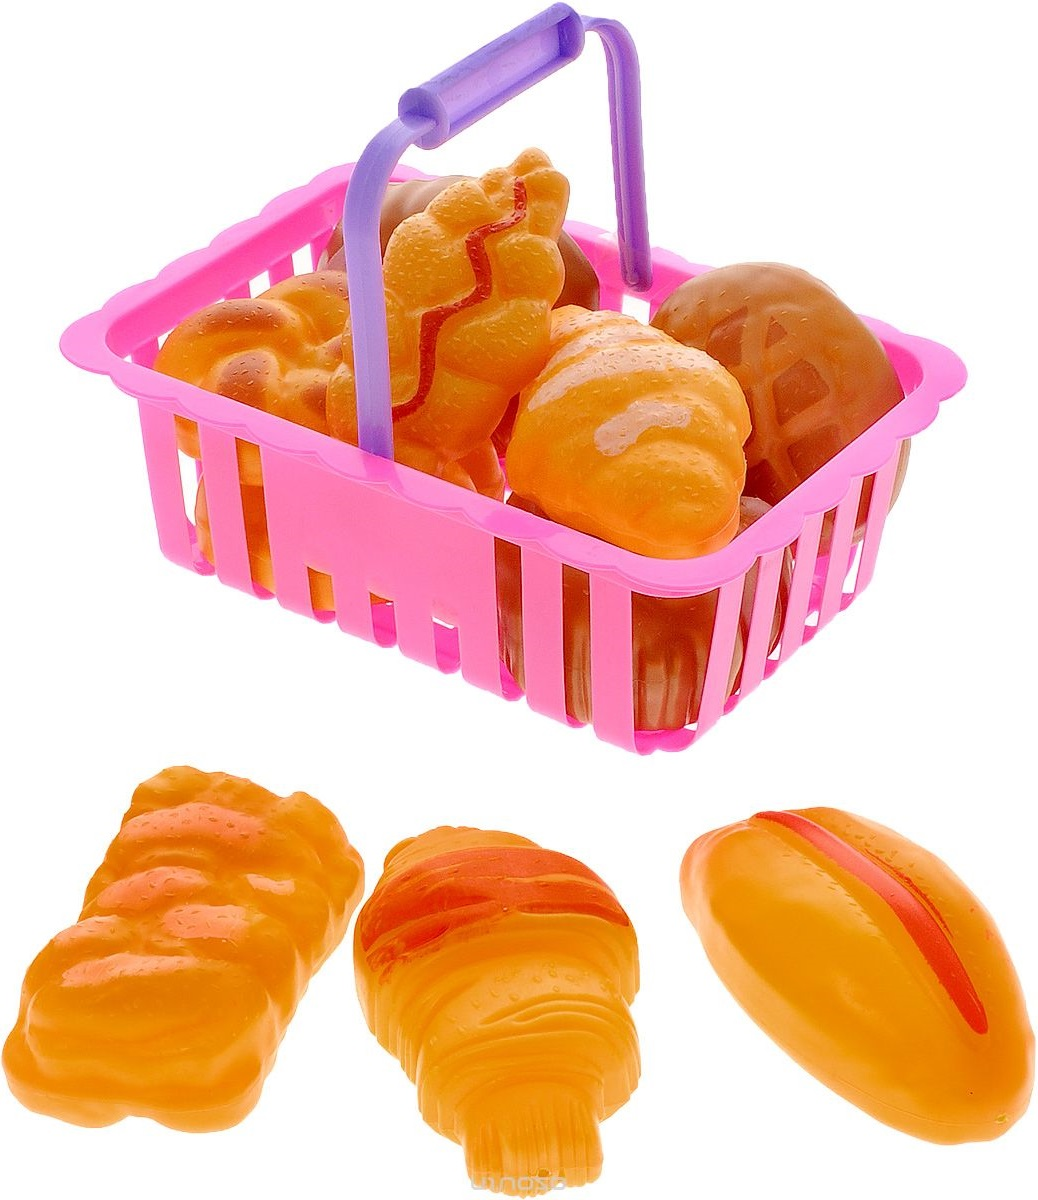 Купить Набор продуктов «Помогаю маме» в корзине, 11 предметов, ABtoys